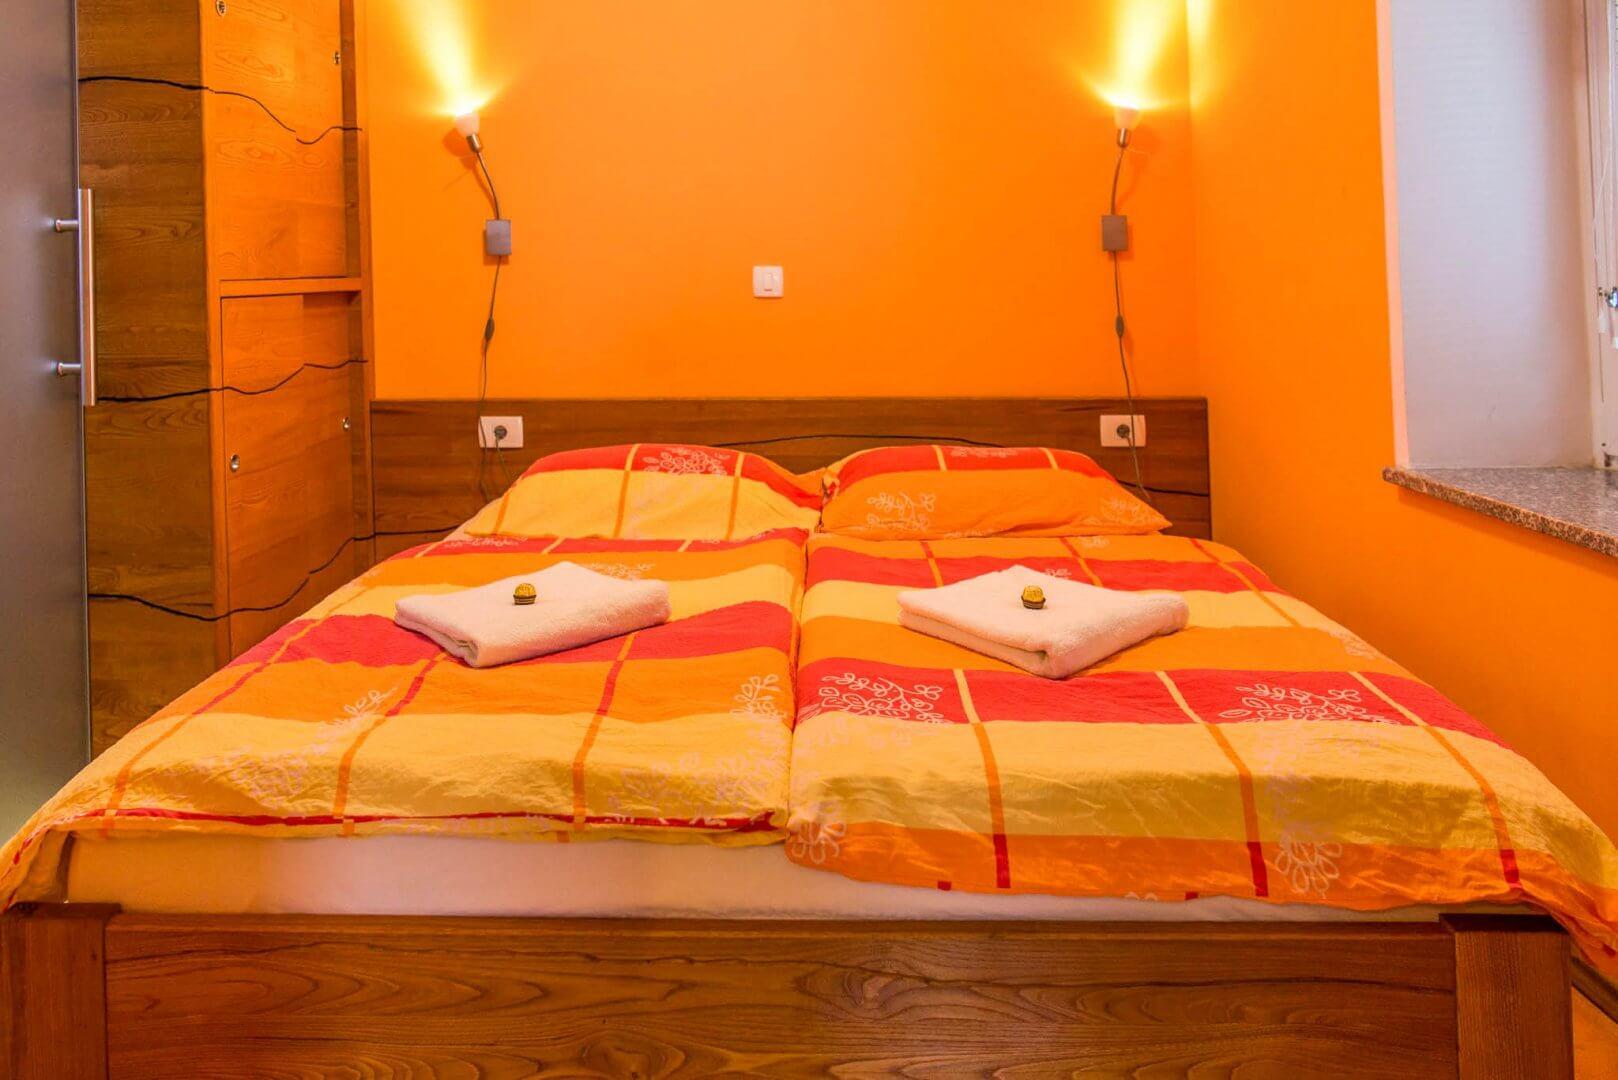 Dvoposteljna soba - apartma smaragdna kapljica